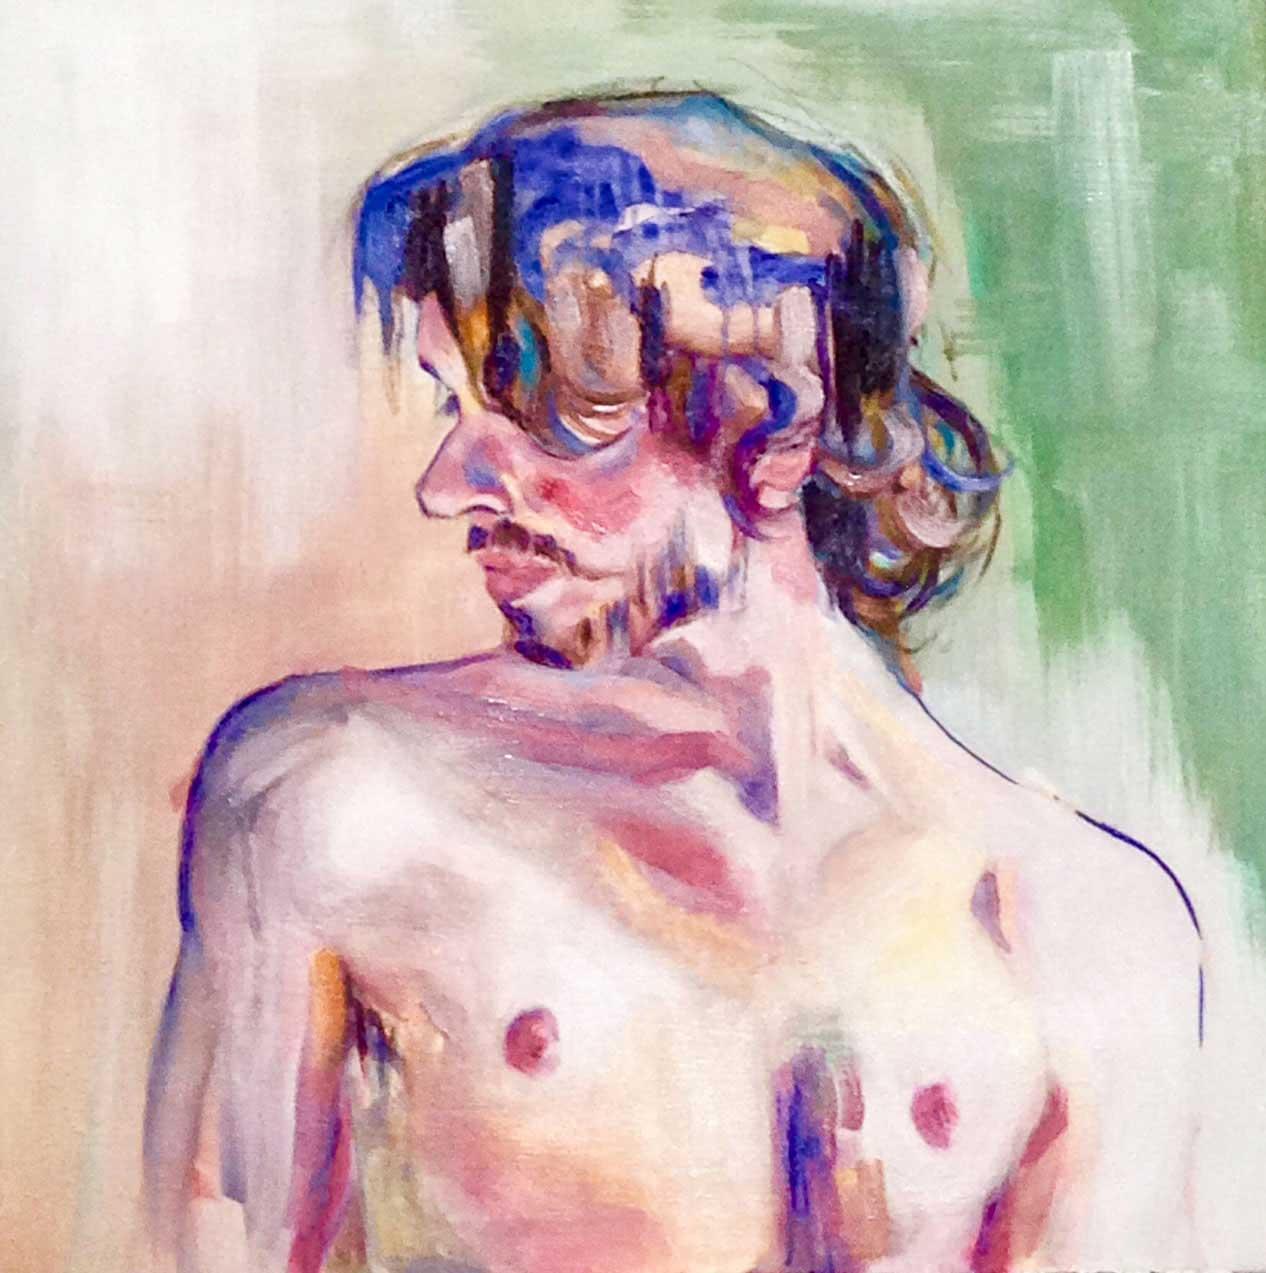 Huile sur toile d'un homme nu de profil cadré buste